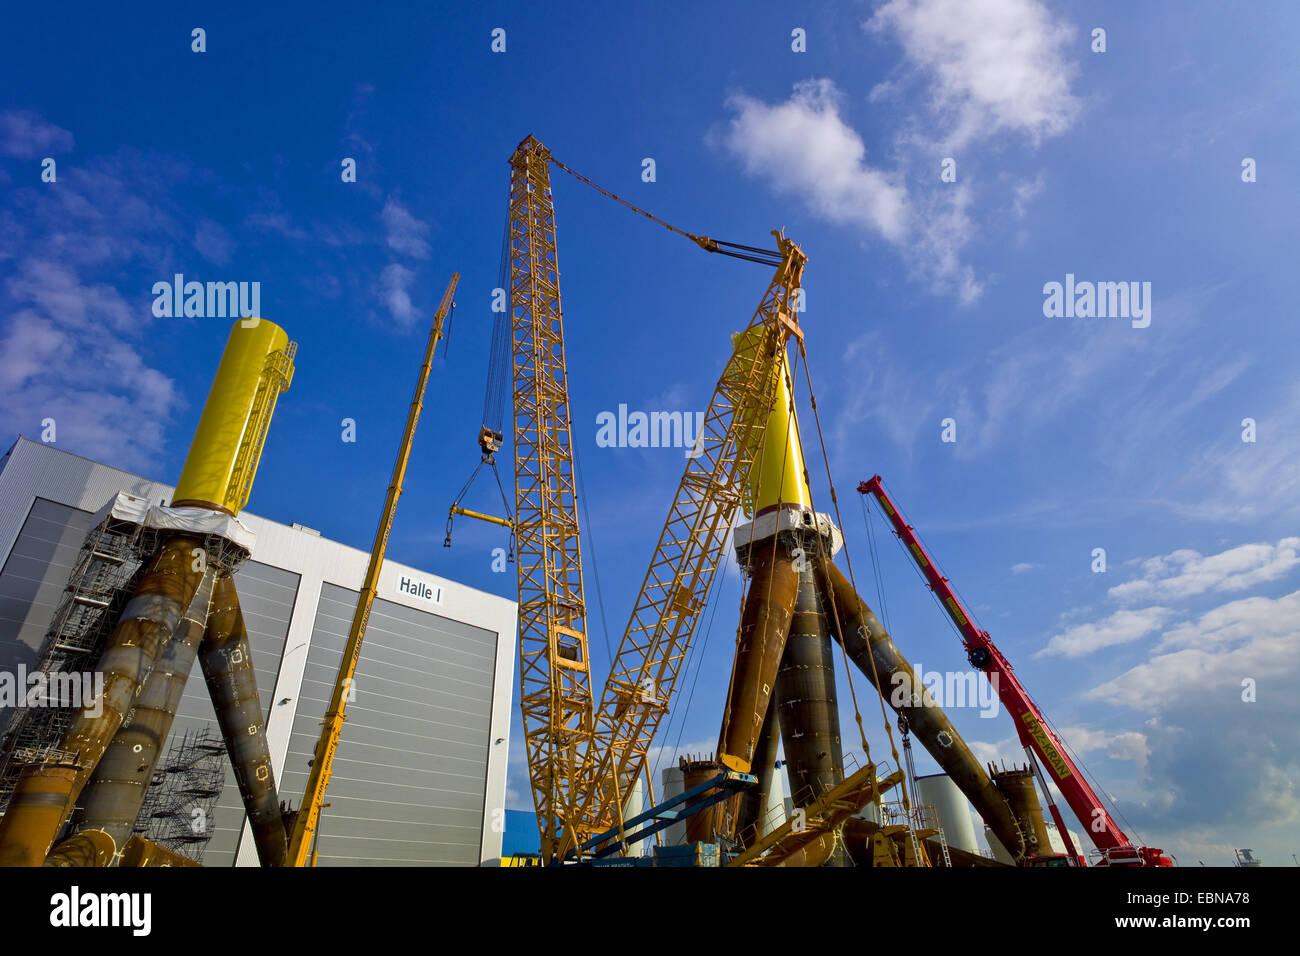 Fabbricazione di treppiedi per le turbine eoliche, Germania, Bremerhaven Immagini Stock